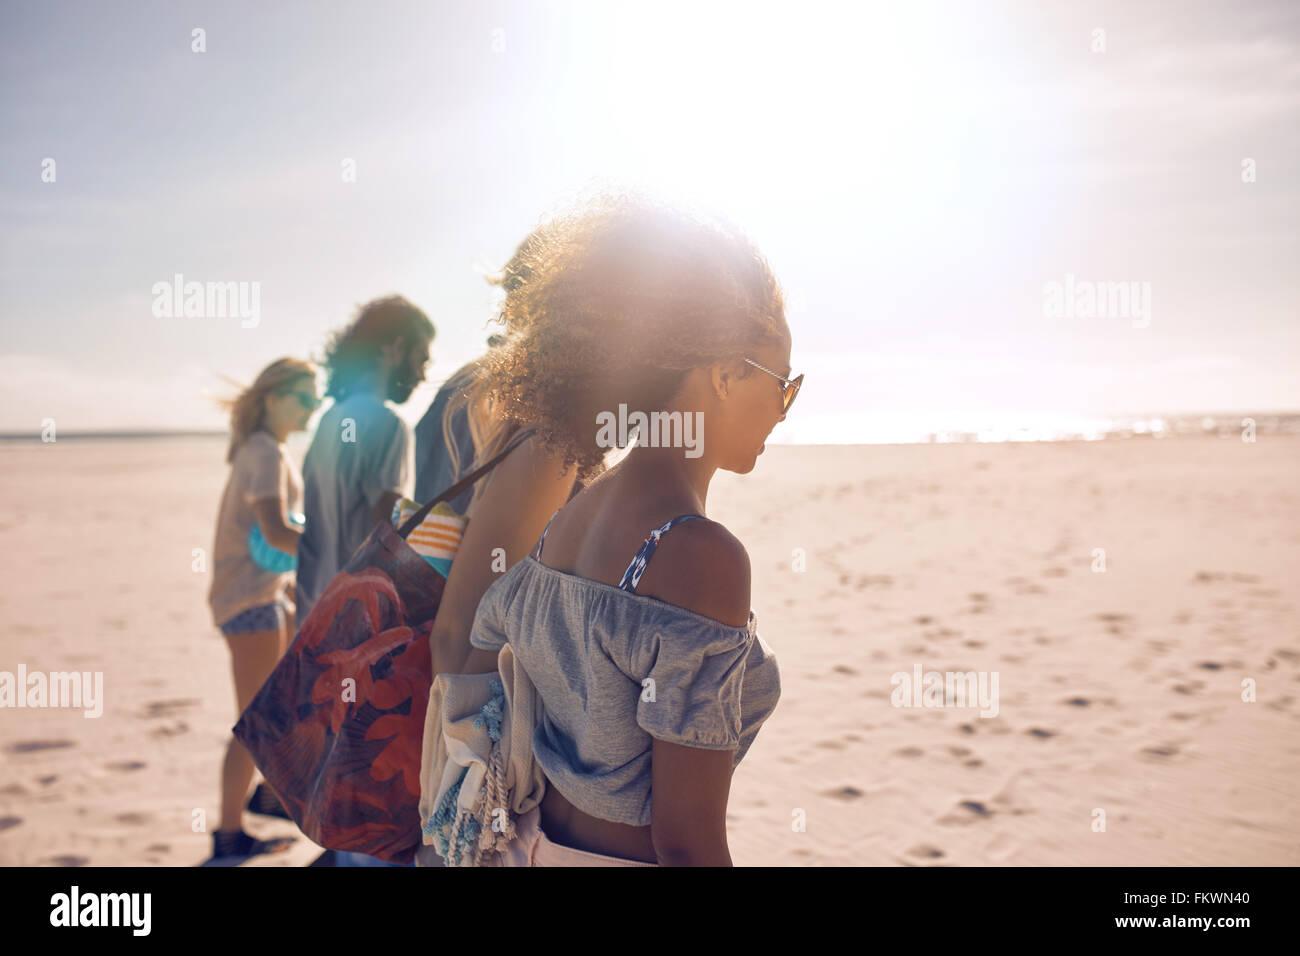 Tiré d'un groupe de jeunes amis marchant le long de la plage sur une journée ensoleillée. Les hommes et femmes ayant des vacances d'été sur une plage. Banque D'Images